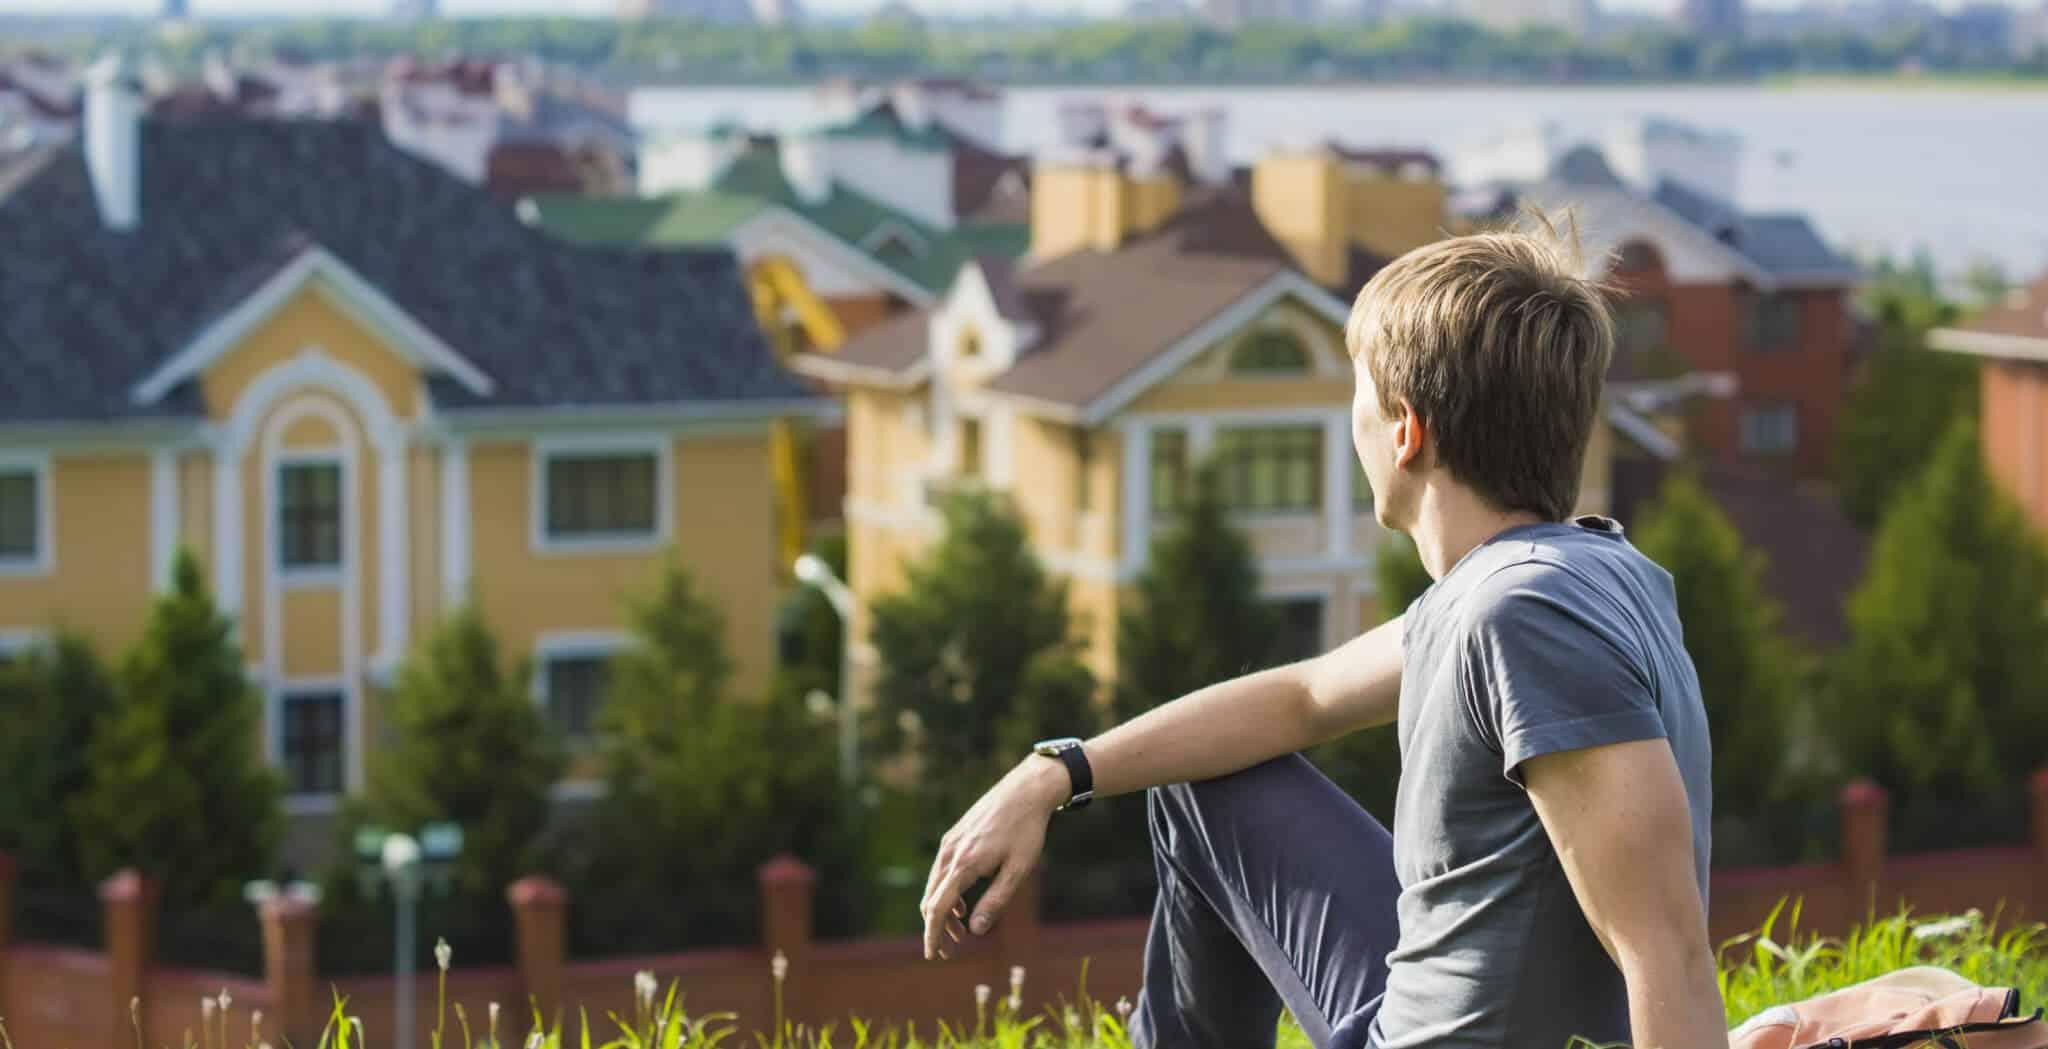 homem sentado a olhar para casas